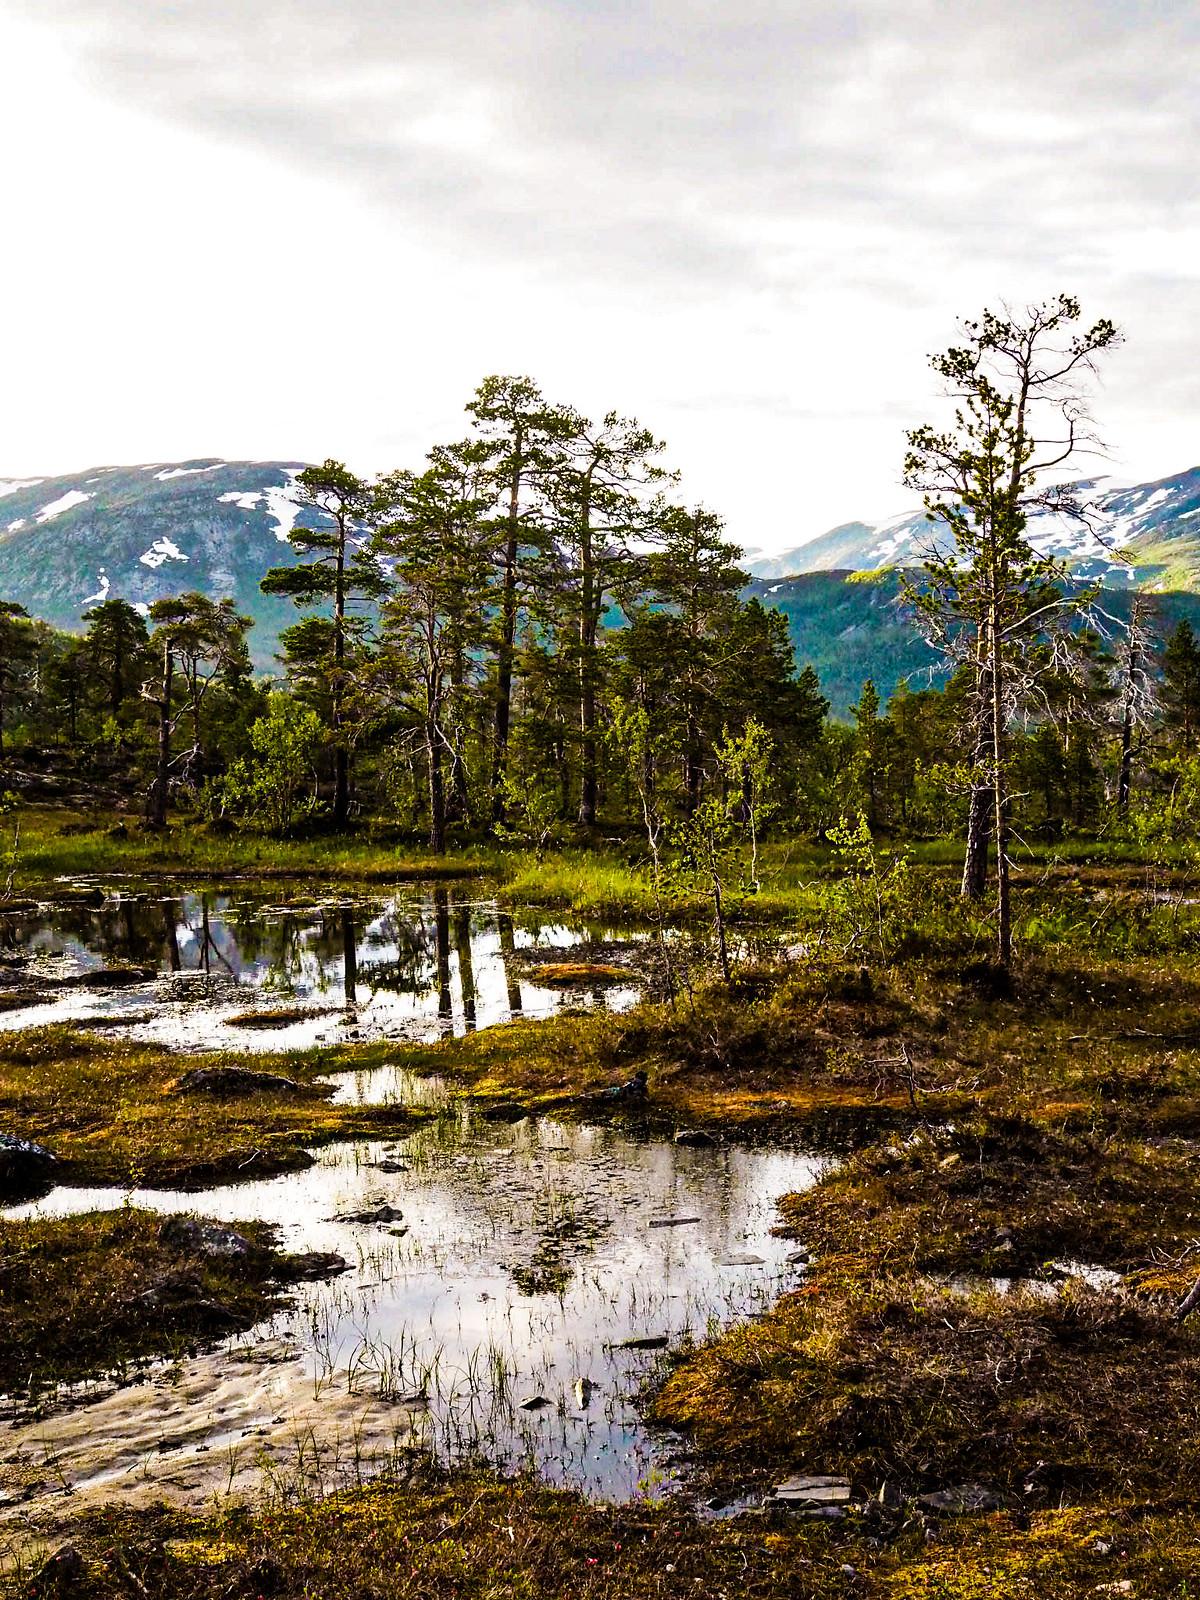 Ånderdalenin kansallispuisto-Senja